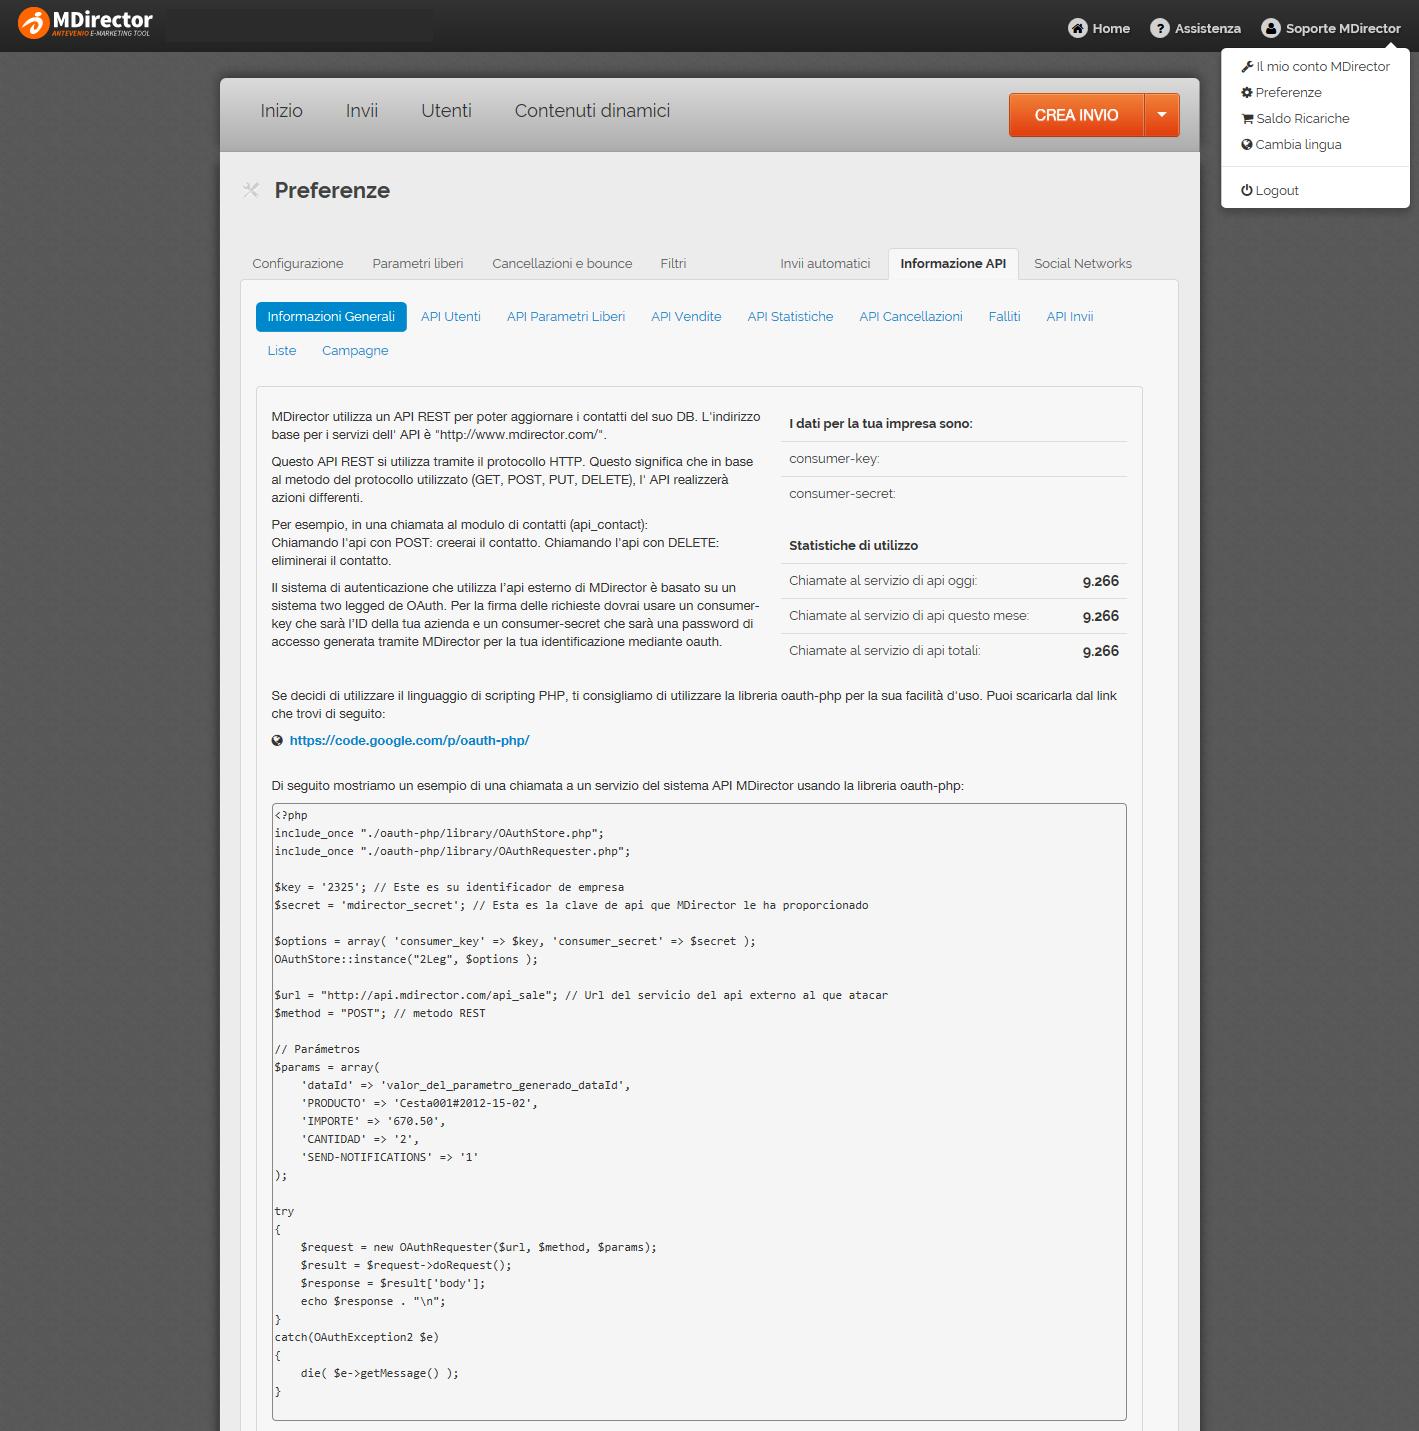 misurare le vendite generate via mail: Informazione API